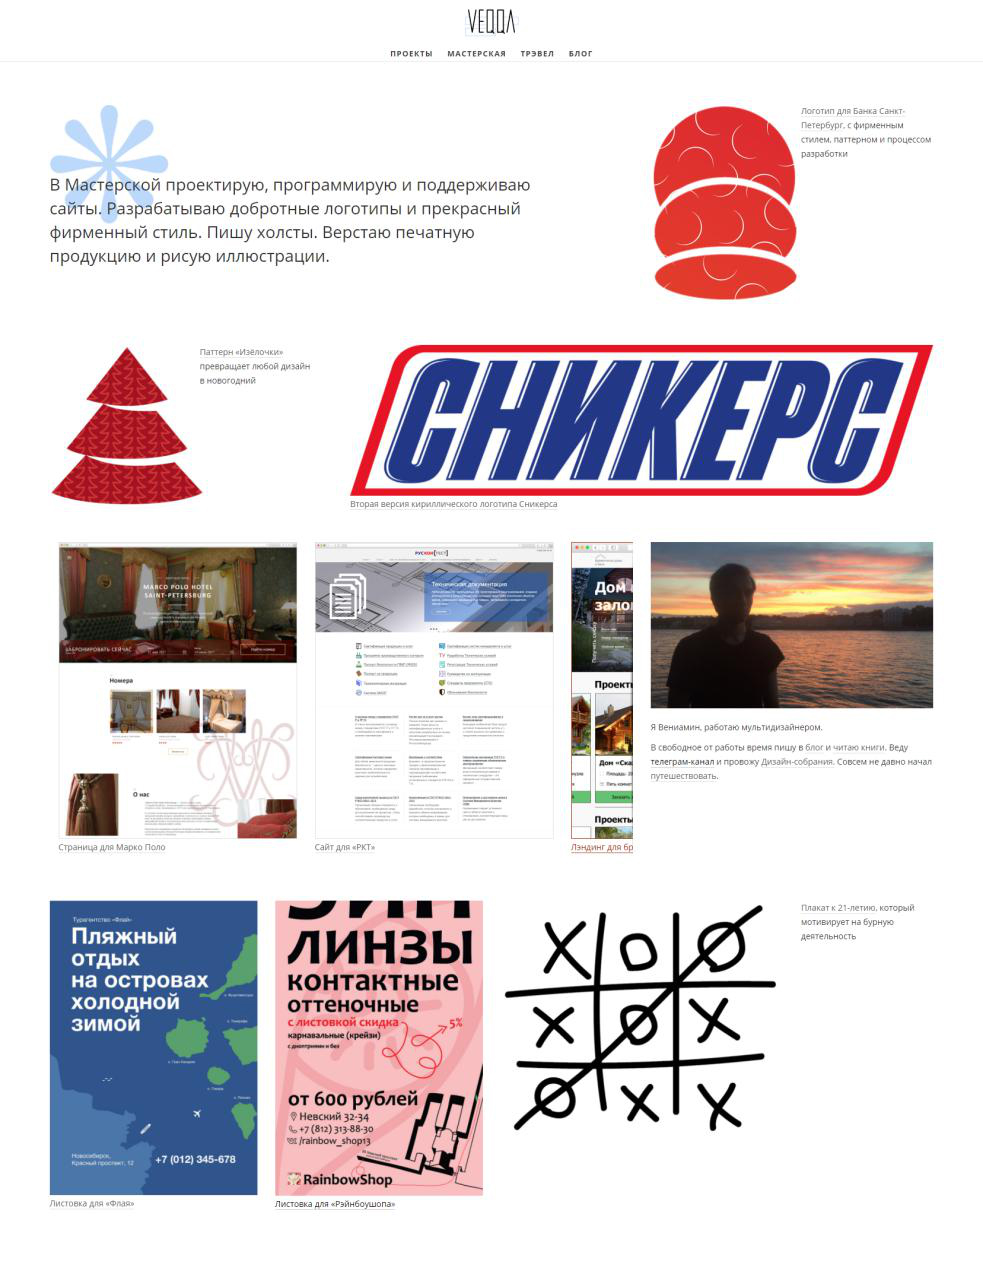 Дизайн-мастерская Вениамина Векка